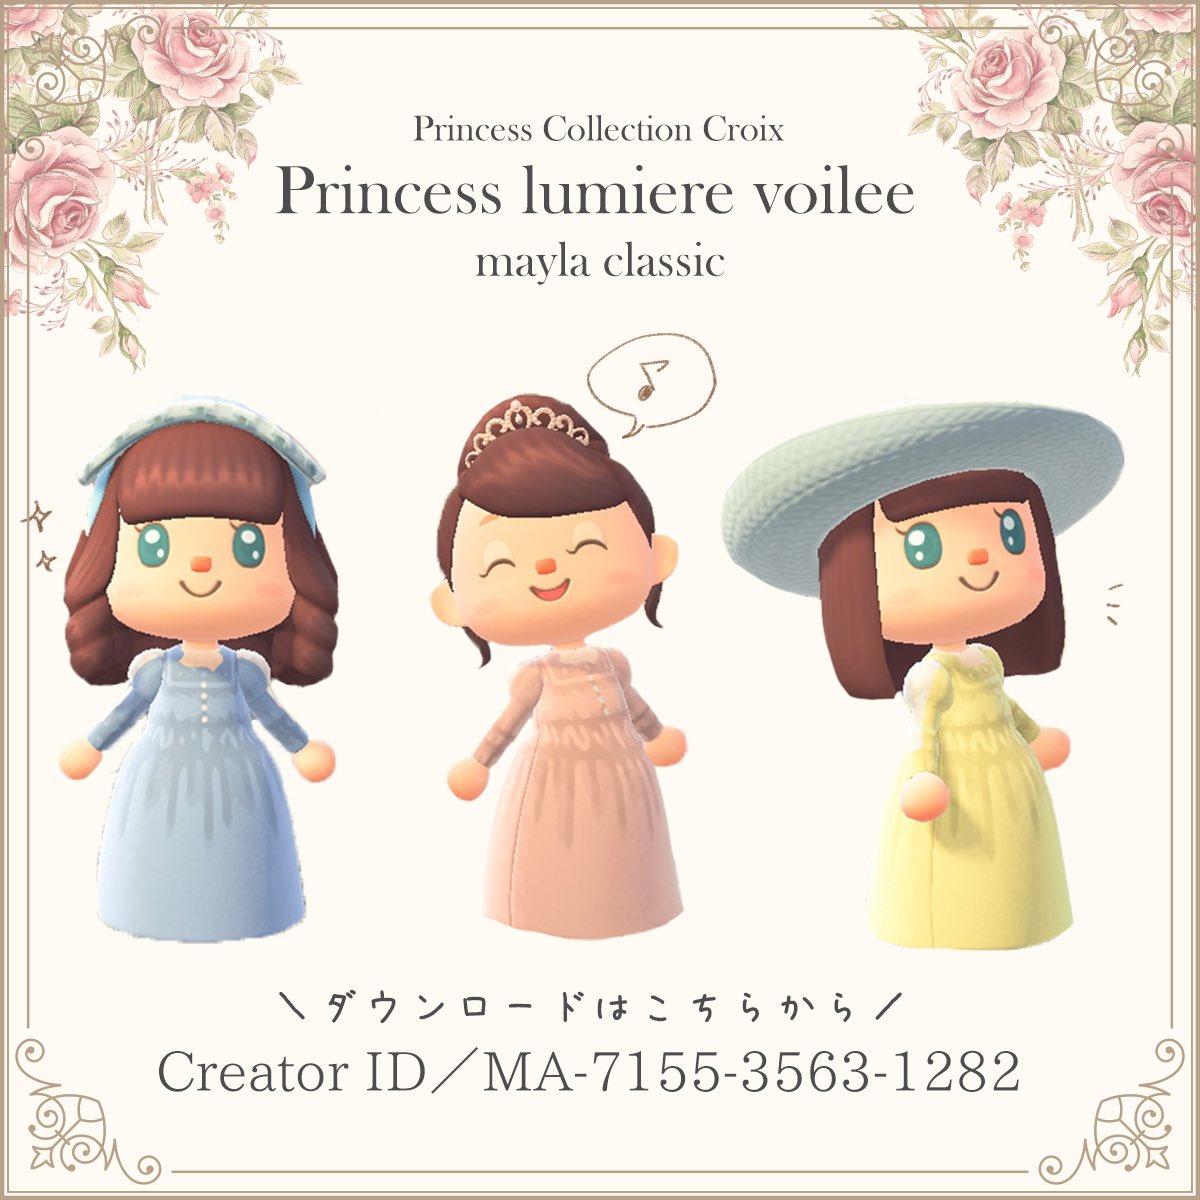 こちらの新作ドレス - プリンセス・ルミエール ヴォアレ - は#どうぶつの森 では無料でお楽しみいただけます!笑こちらからダウンロードして、どうぞお楽しみ下さい💕皆さんはどのプリンセスがお好みですか?☺️#マイデザイン #あつ森